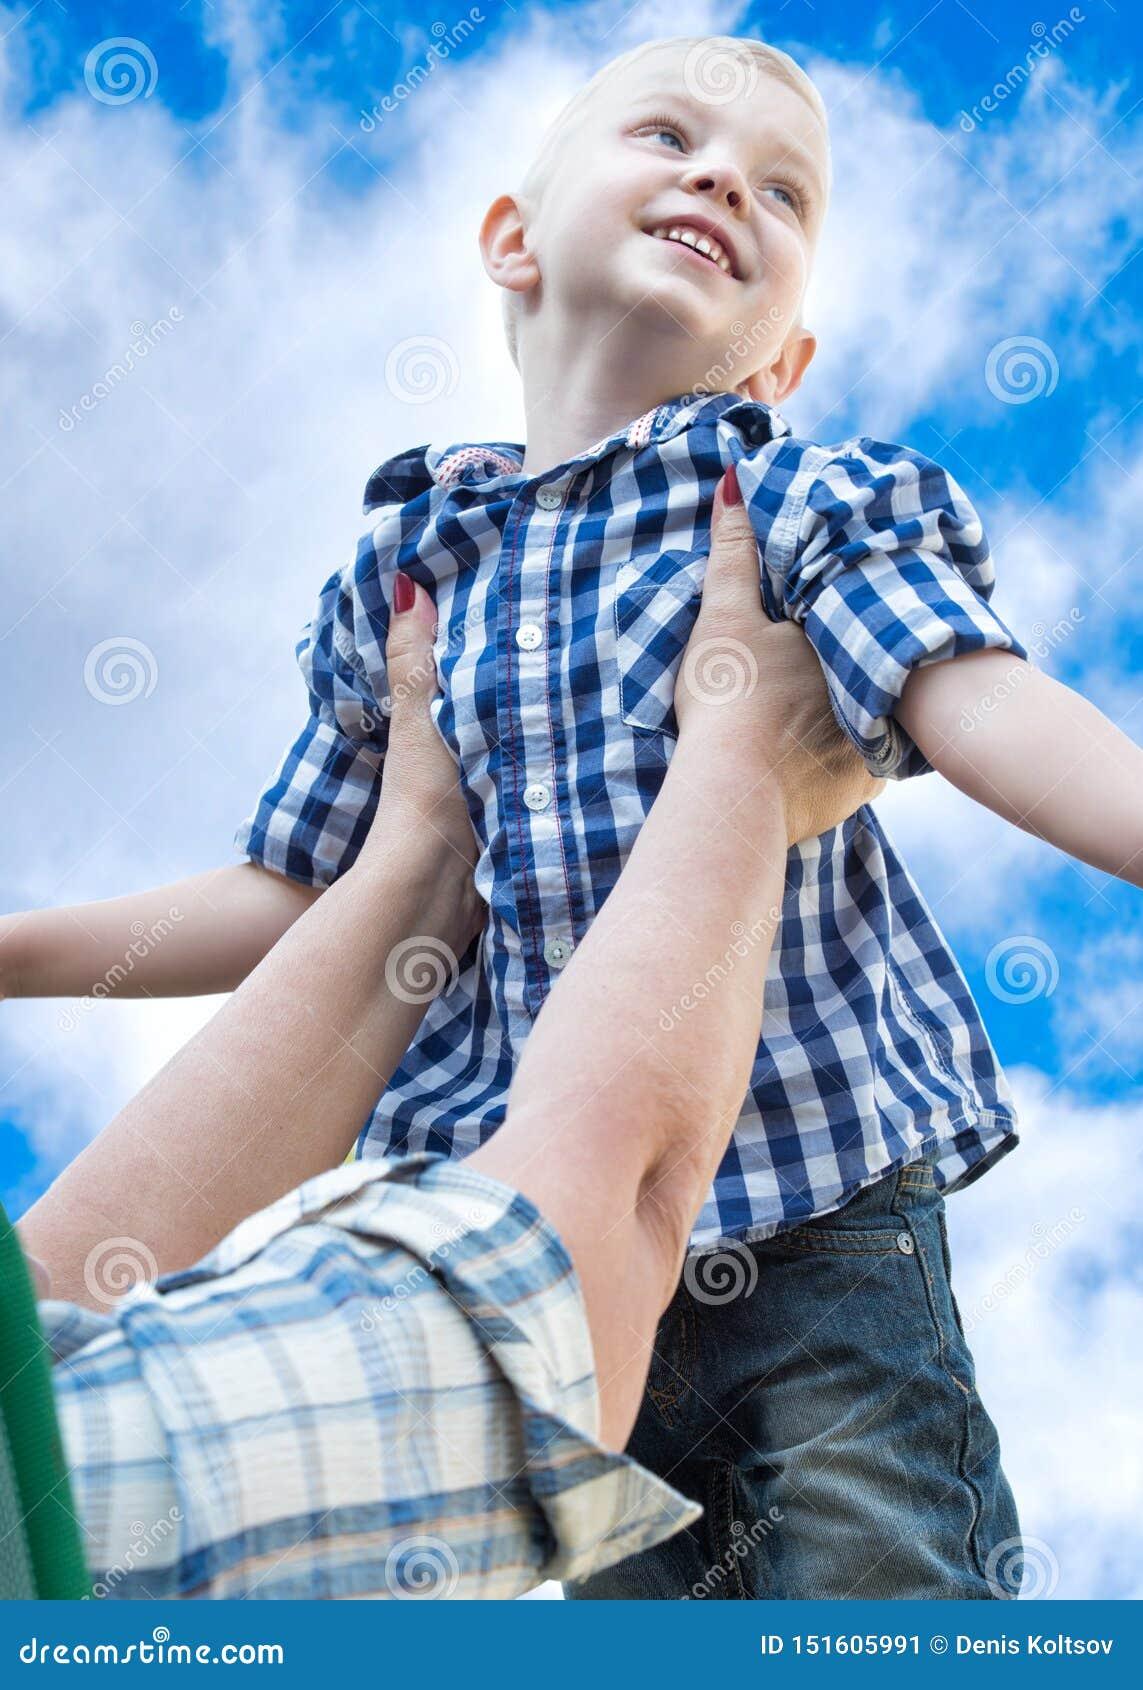 休息在他的祖母的房子的小男孩 比赛和娱乐